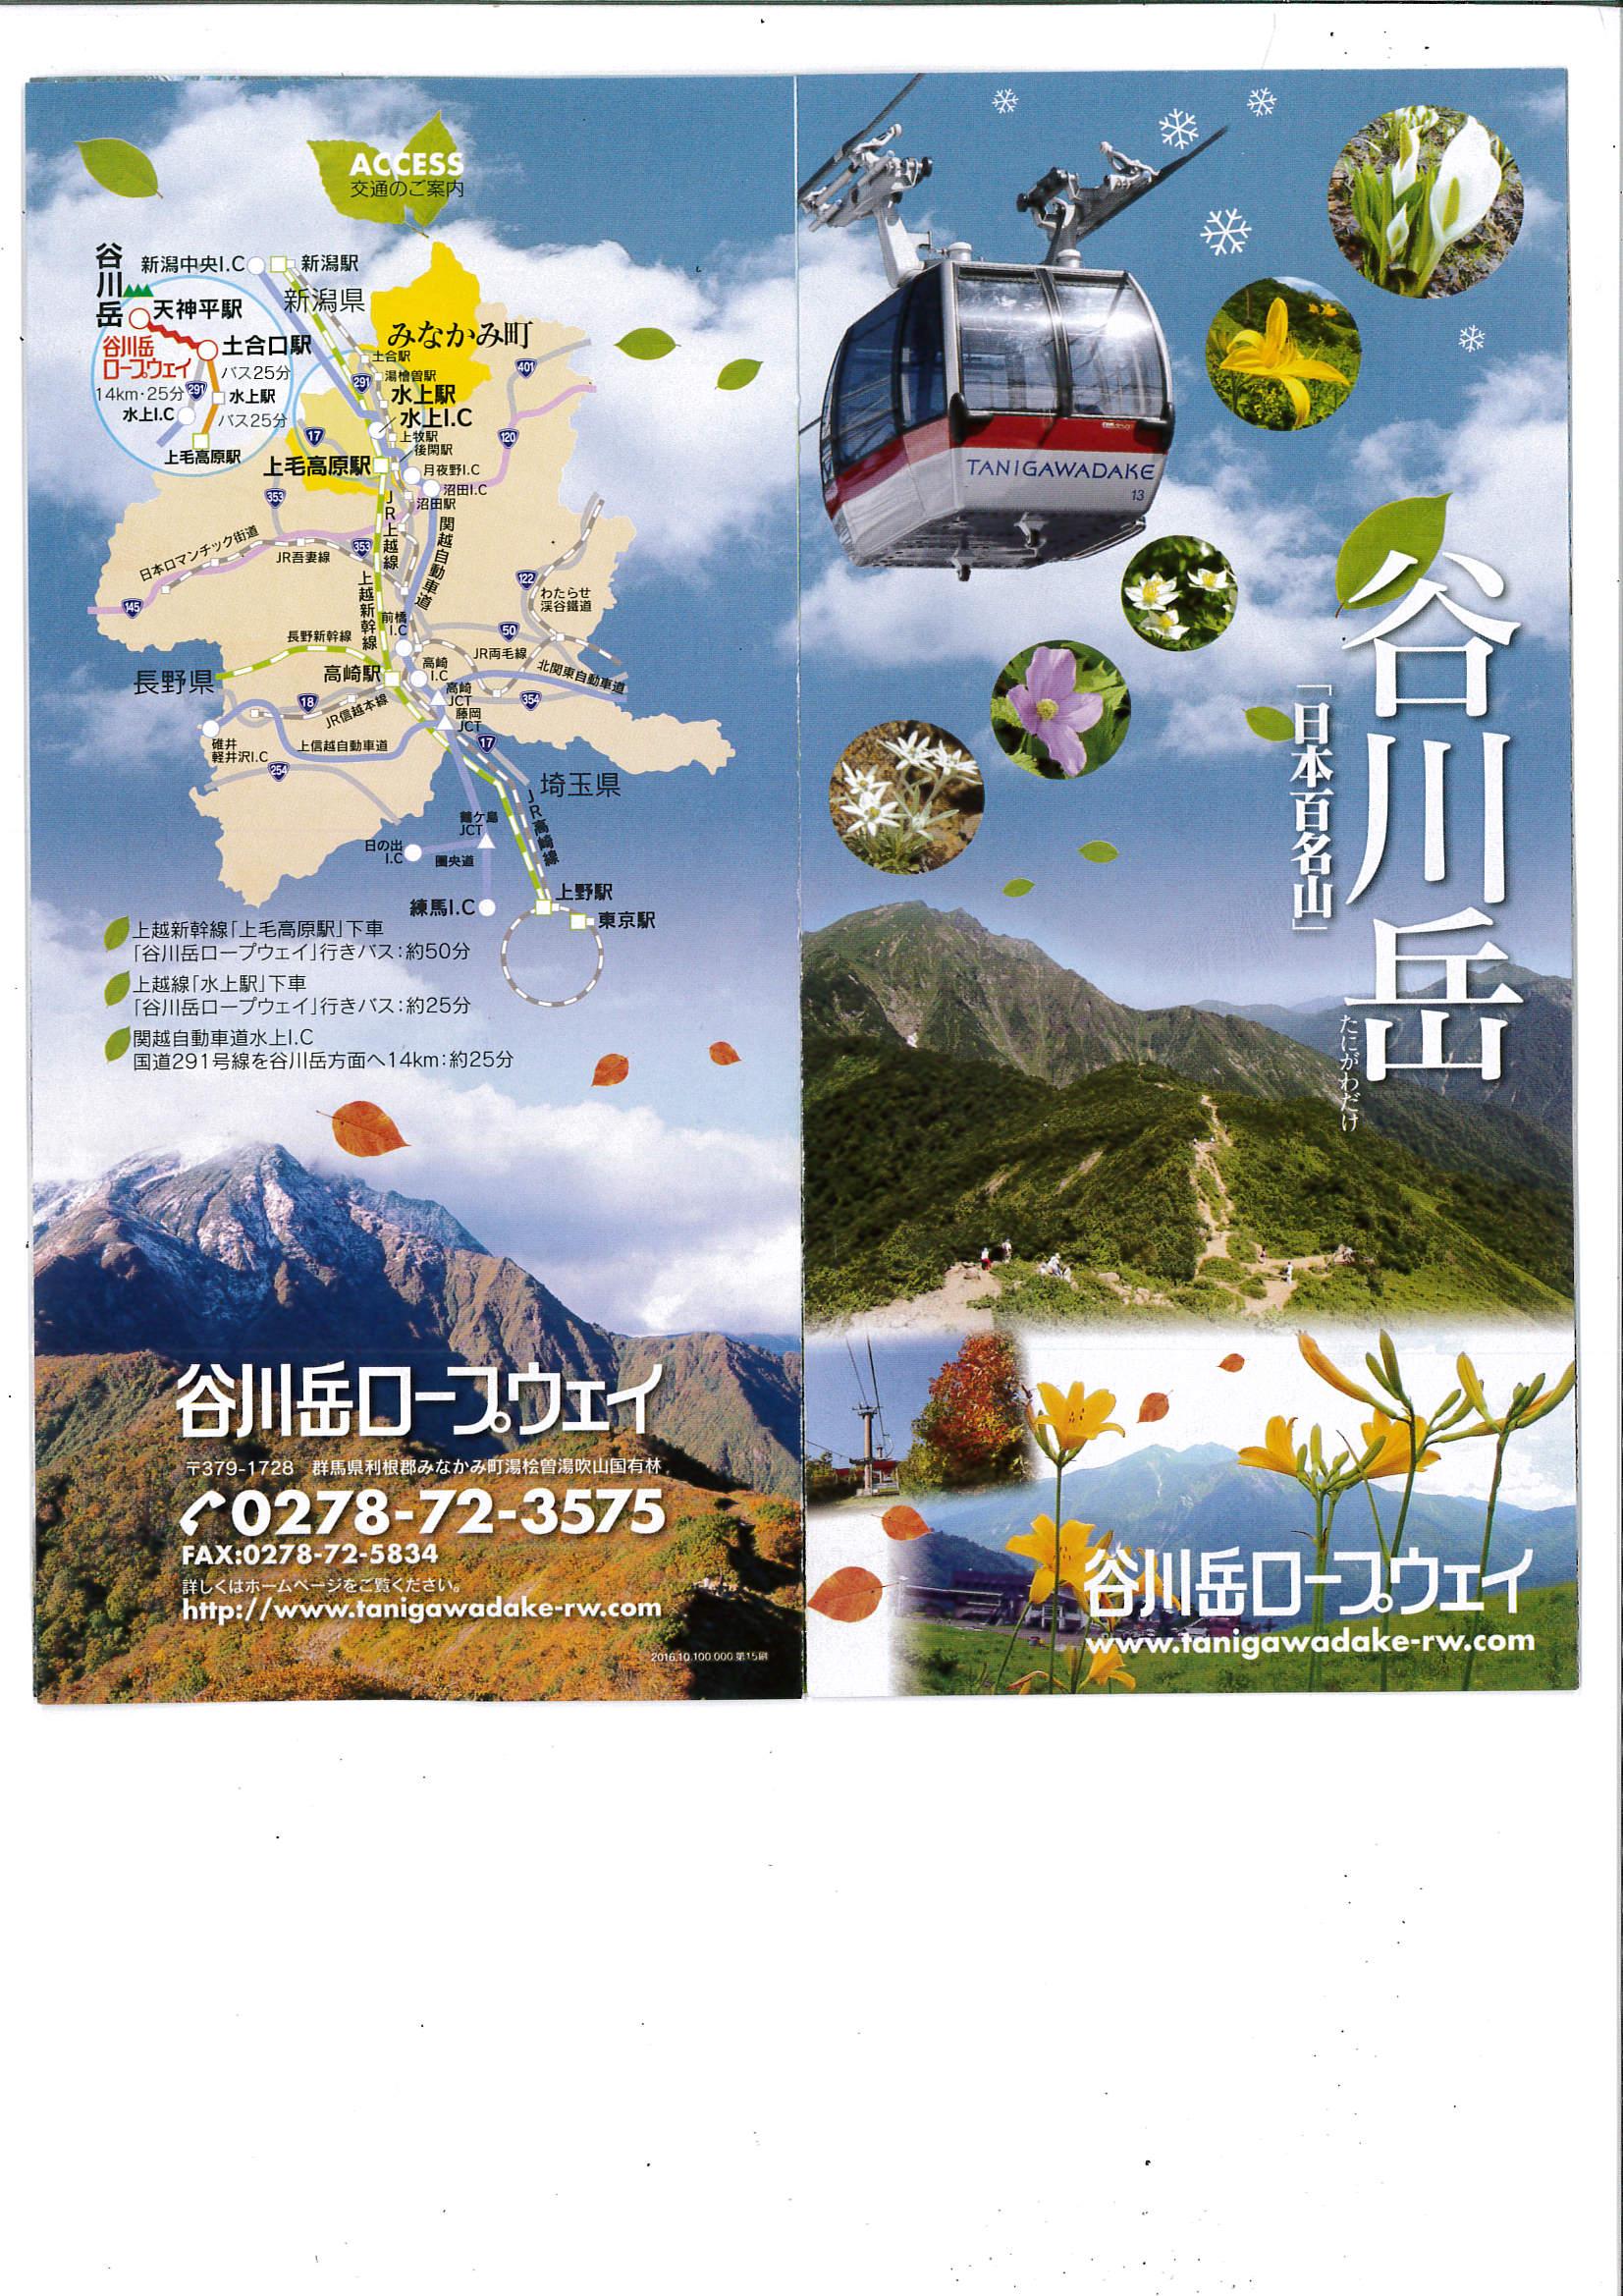 谷川岳天神平スキー場の営業終了と観光リフトの営業開始のお知らせ